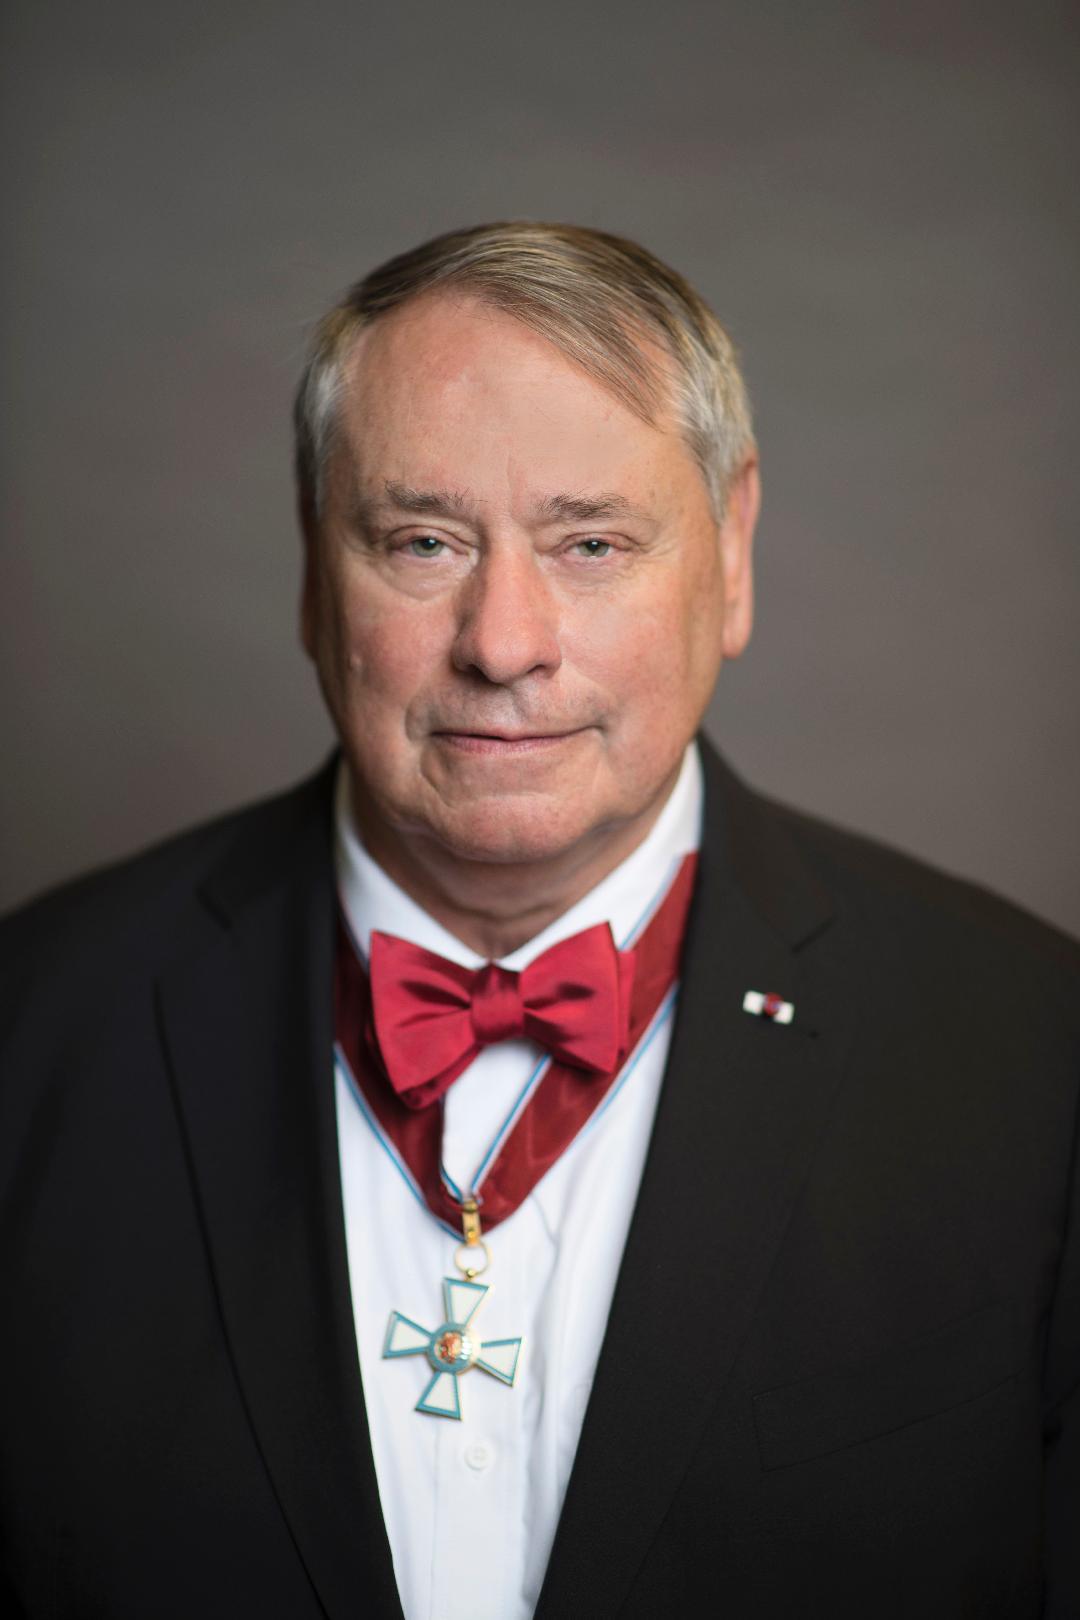 S. Pete Worden, directeur exécutif de Breakthrough Initiatives, avec chevalier-commandant de la Légion luxembourgeoise du mérite.